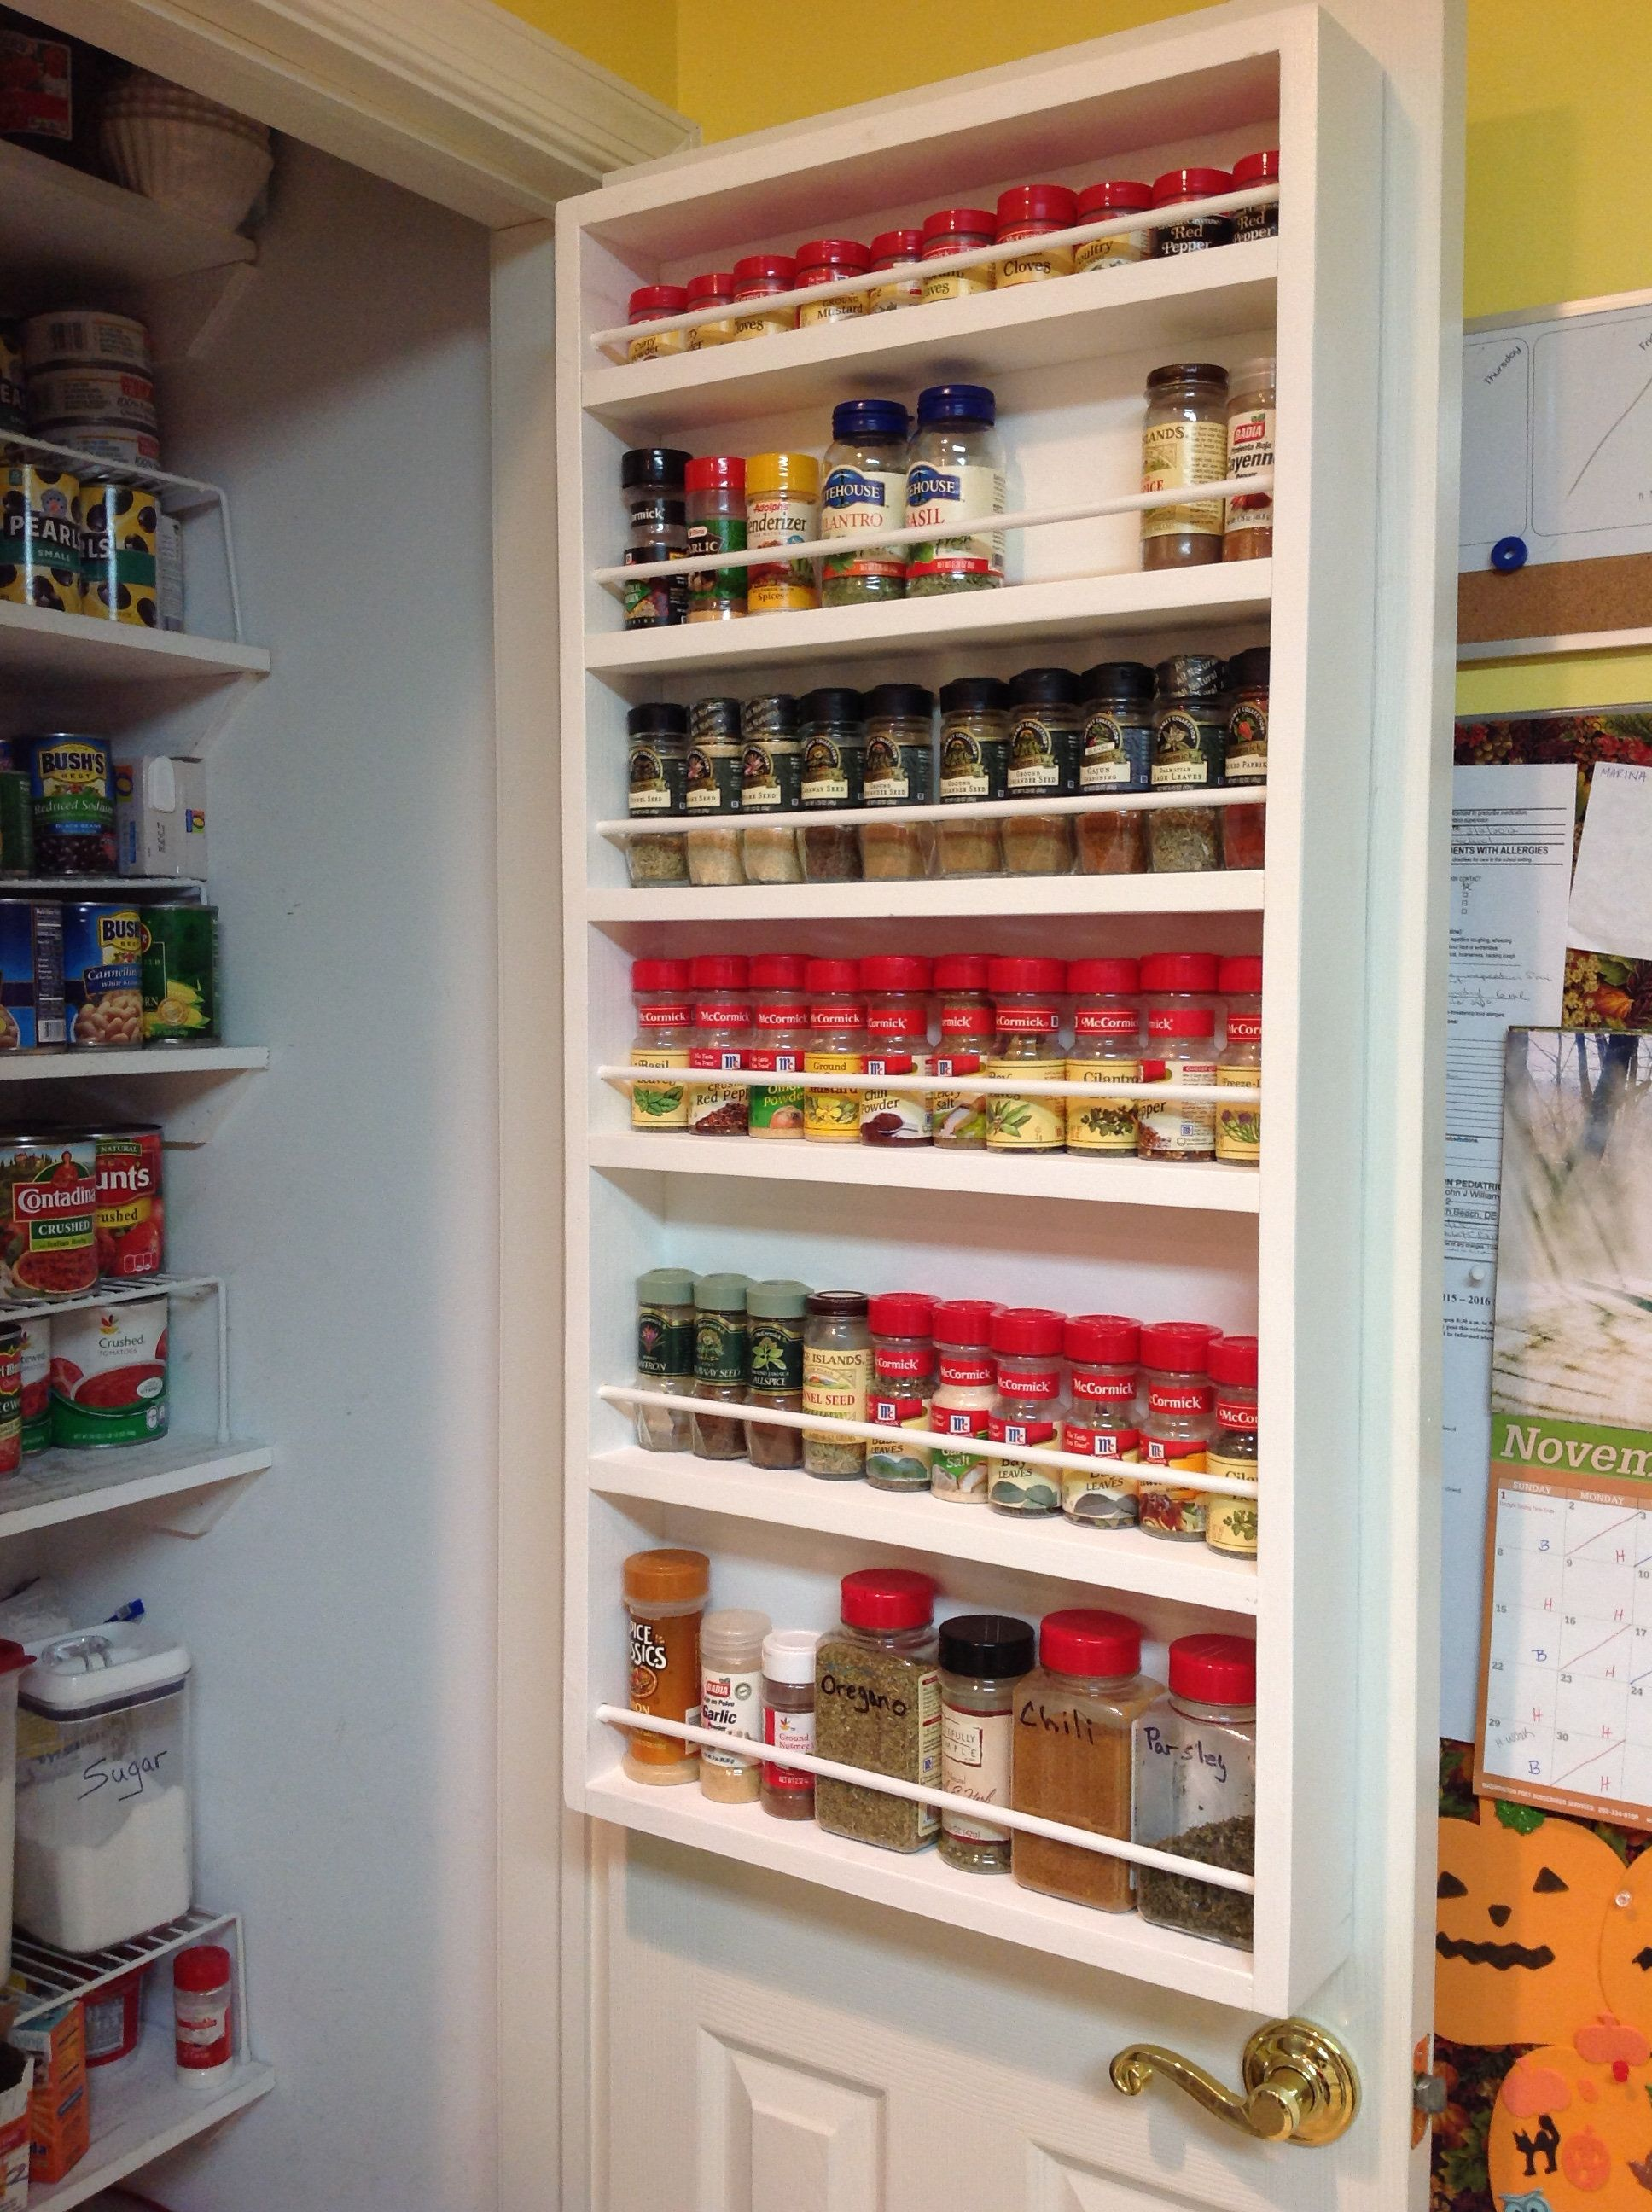 Spice Rack Door Mounted Spice Rack Pantry Door Spice Rack Etsy Spice Rack Pantry Door Mounted Spice Rack Door Spice Rack